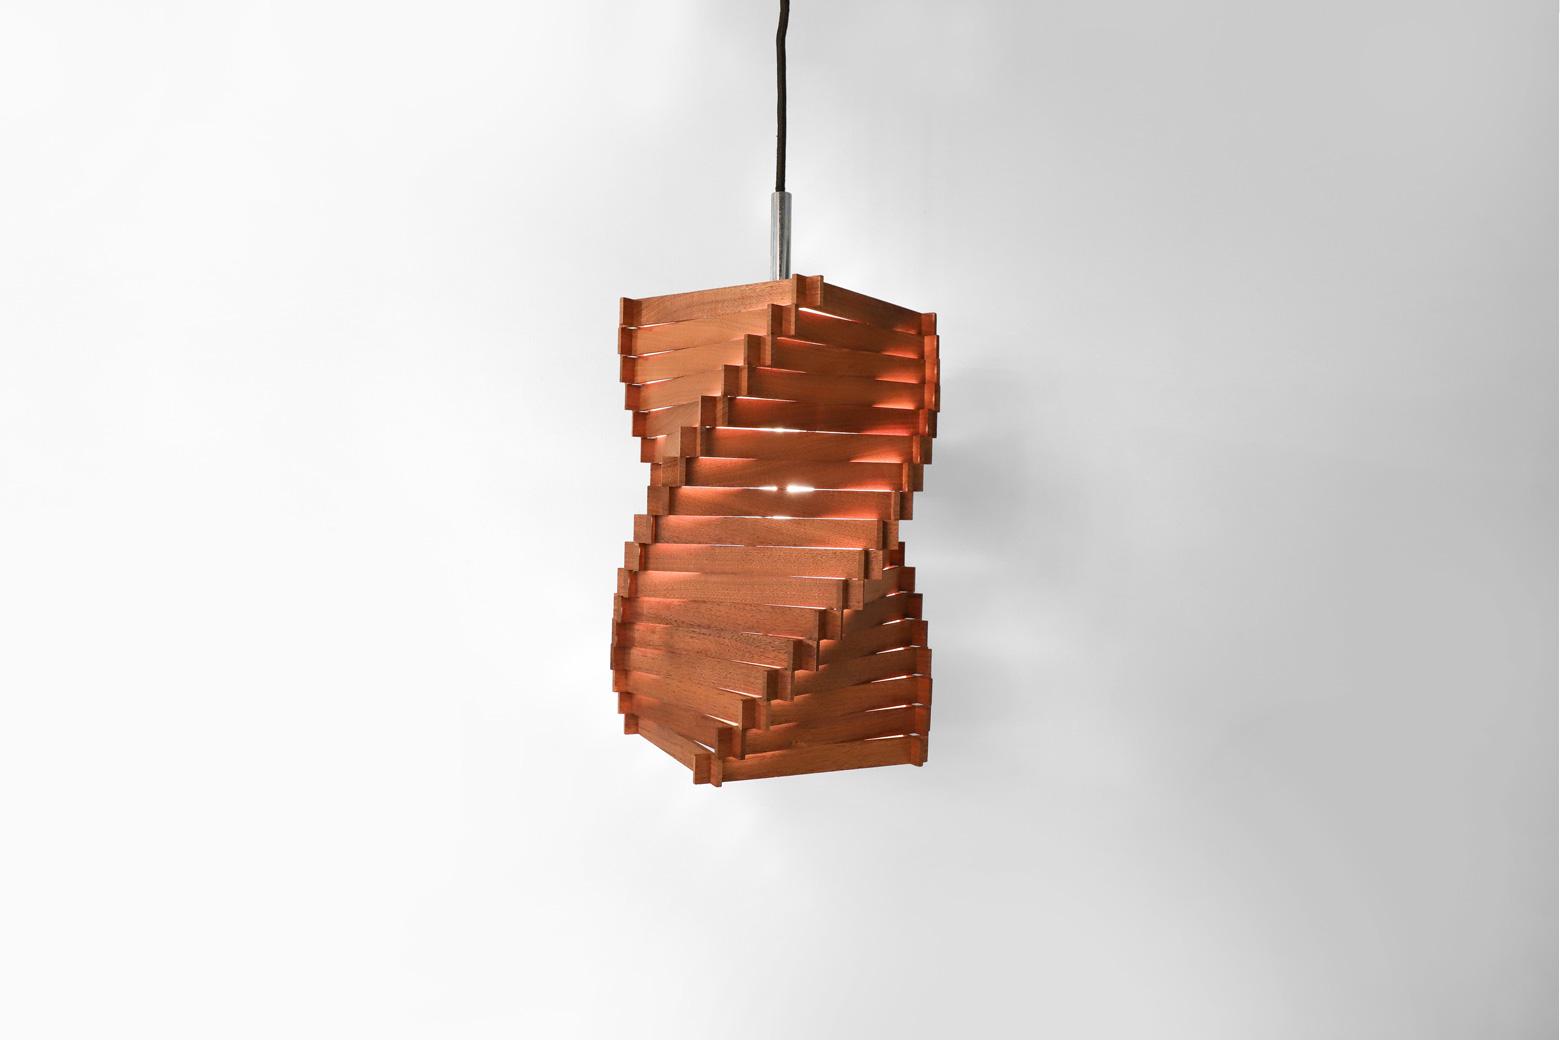 ぐにゃりとねじられたようなユニークなフォルムのペンダントライト。 螺旋状に木の板が積み重ねられており、その隙間から光がこぼれる様が幻想的でもあります。 インパクトが強いデザインですが、あたたかみが感じられるカラーの木材を使っているので、 和モダンなお部屋にも、北欧系のナチュラルテイストなお部屋にも、どんなお部屋にも合わせやすいです。 あたたかくて優しい光が欲しい場所にぜひいかがでしょうか♪ 細かなスレなどございますが、大きなダメージはなく、状態は比較的良好です。 この照明は内側から見ても螺旋に吸い込まれそうになるようなとても面白い作りになっています。 様々な角度から目で見て楽しい、ペンダントライトです。 ~【東京都杉並区阿佐ヶ谷北アンティークショップ 古一】 古一/ふるいちでは出張無料買取も行っております。杉並区周辺はもちろん、世田谷区・目黒区・武蔵野市・新宿区等の東京近郊のお見積もりも!ビンテージ家具・インテリア雑貨・ランプ・USED品・ リサイクルなら古一/フルイチへ~